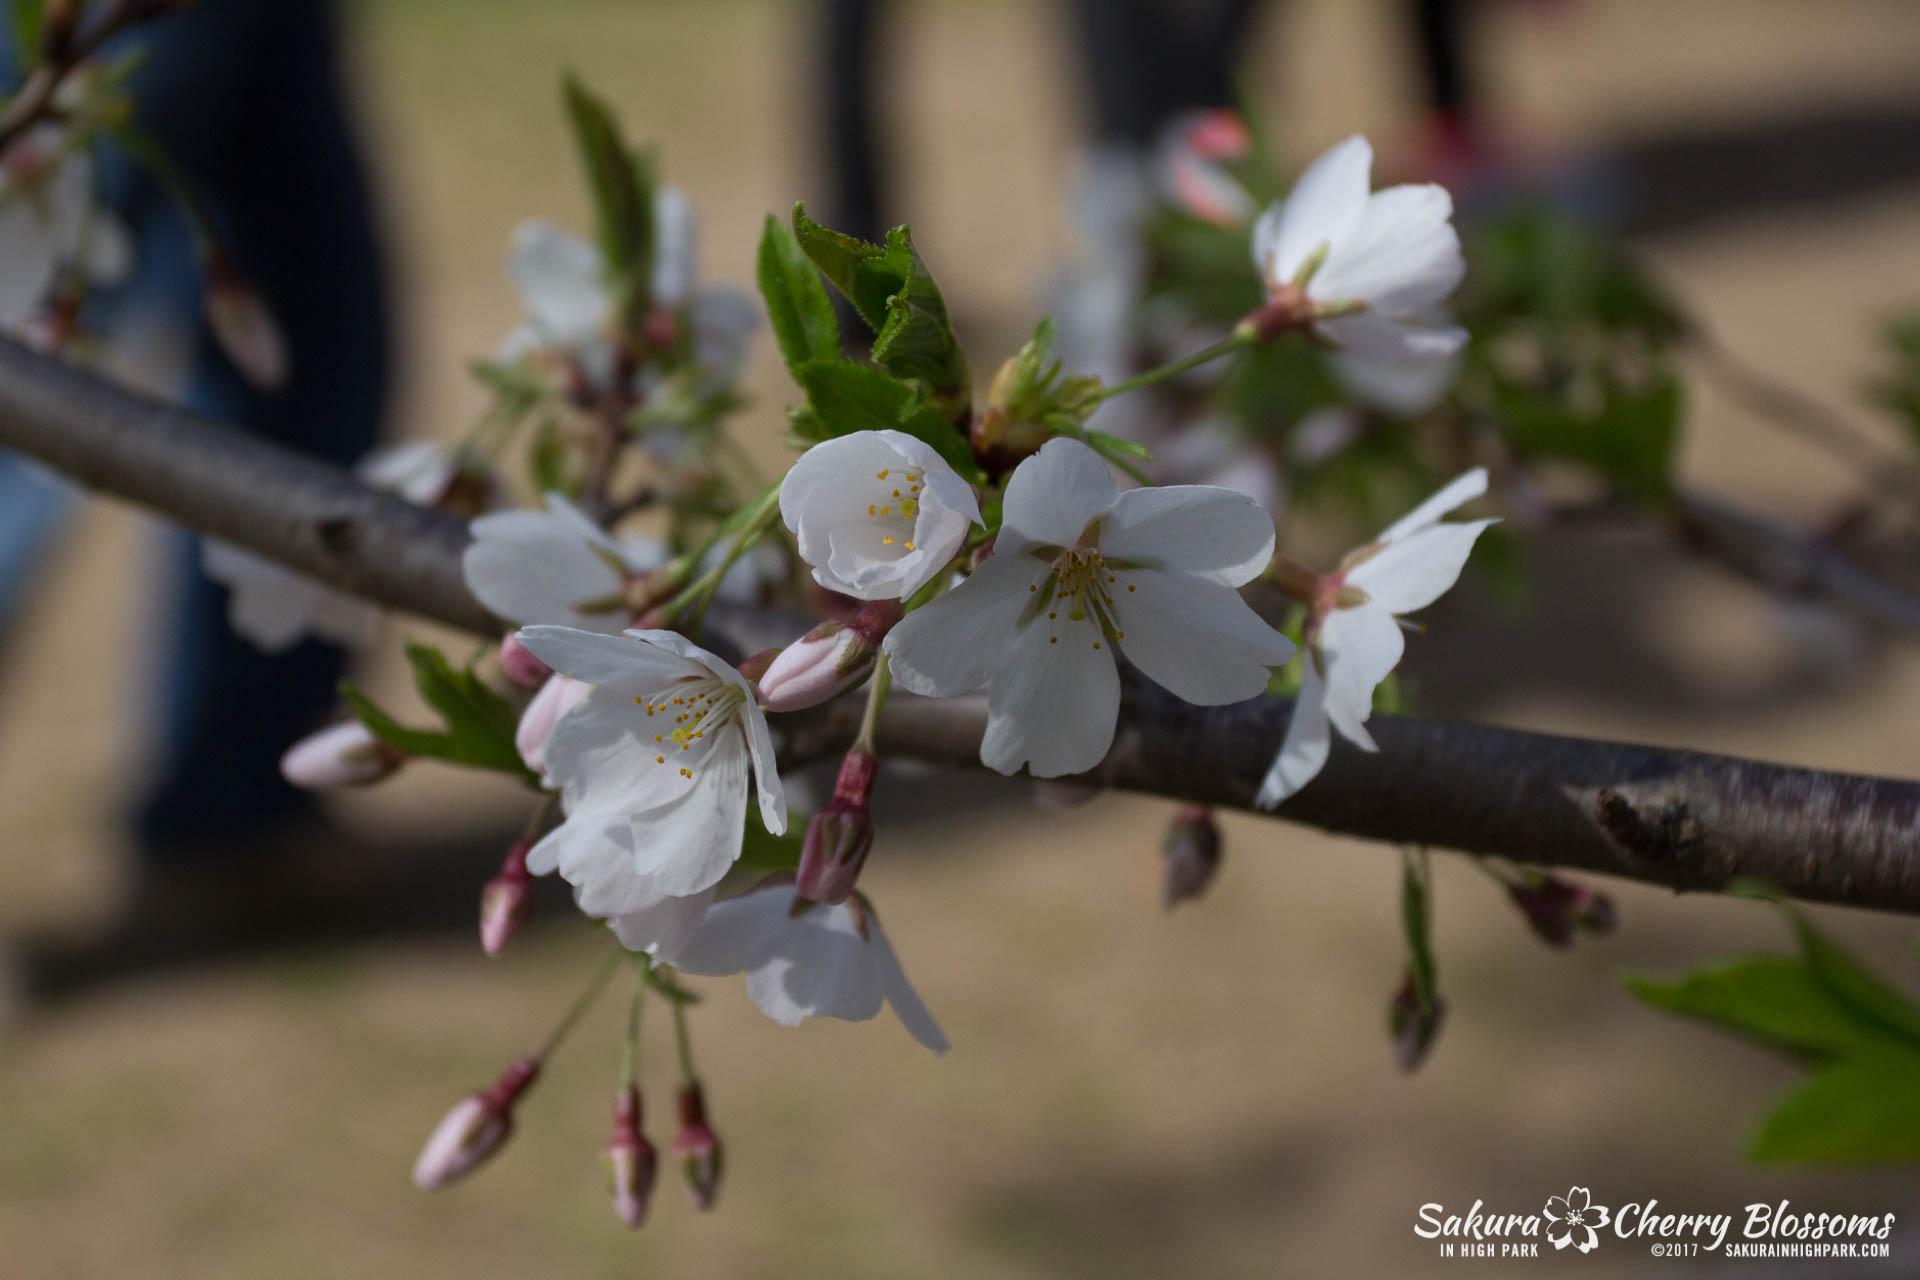 Sakura-Watch-April-28-2017-full-bloom-throughout-High-Park-5764.jpg